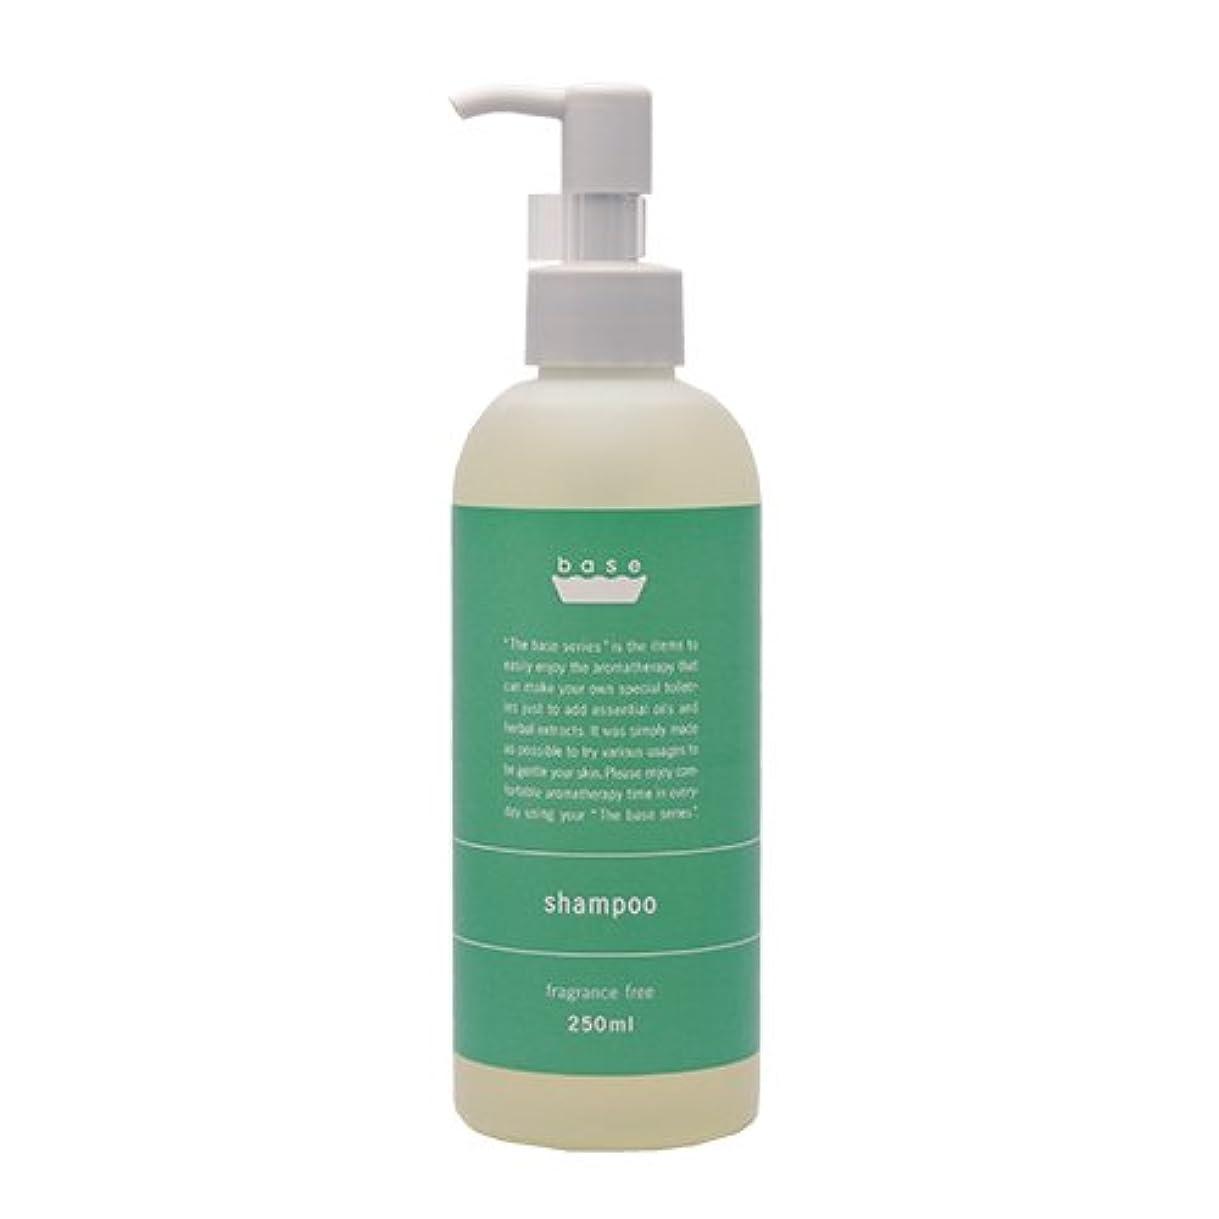 充電タブレット日の出base shampoo(ベースシャンプー)250ml